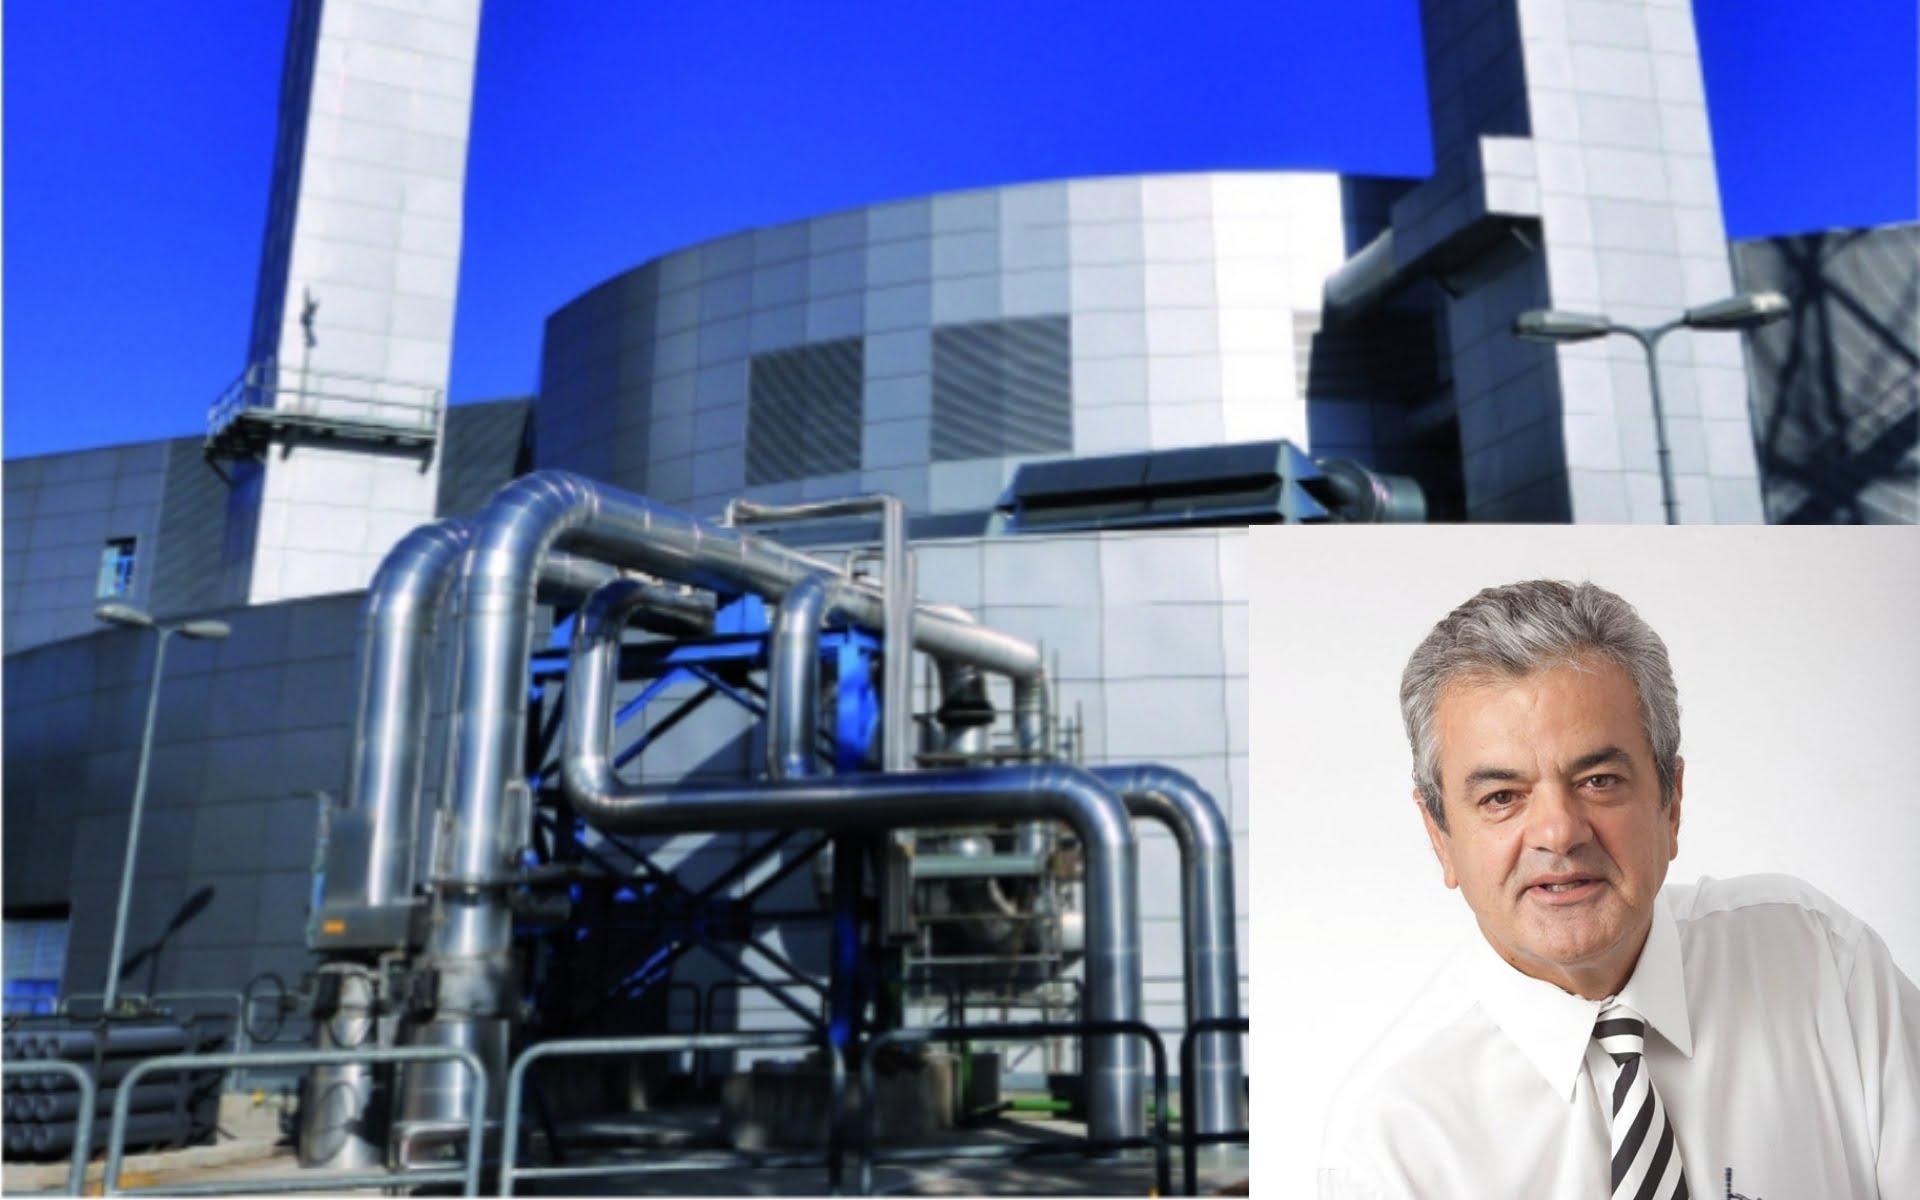 4.000.000,00 € για Λέβητες ισχύος 80 MW στον ΑΗΣ Καρδιάς για τις Τηλεθερμάνσεις.